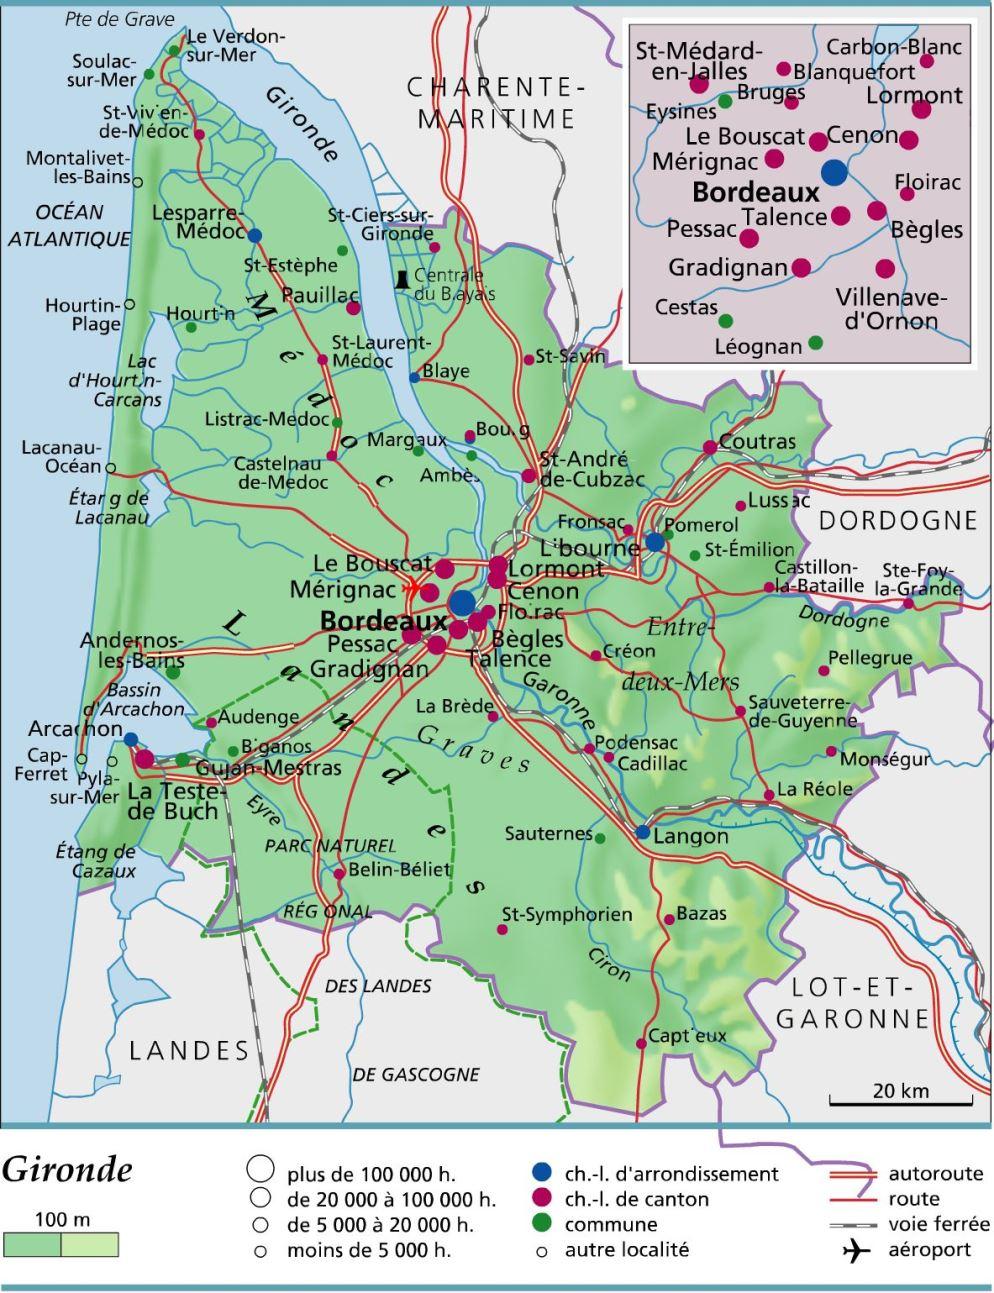 Carte de la Gironde   Gironde carte des villes, communes, relief